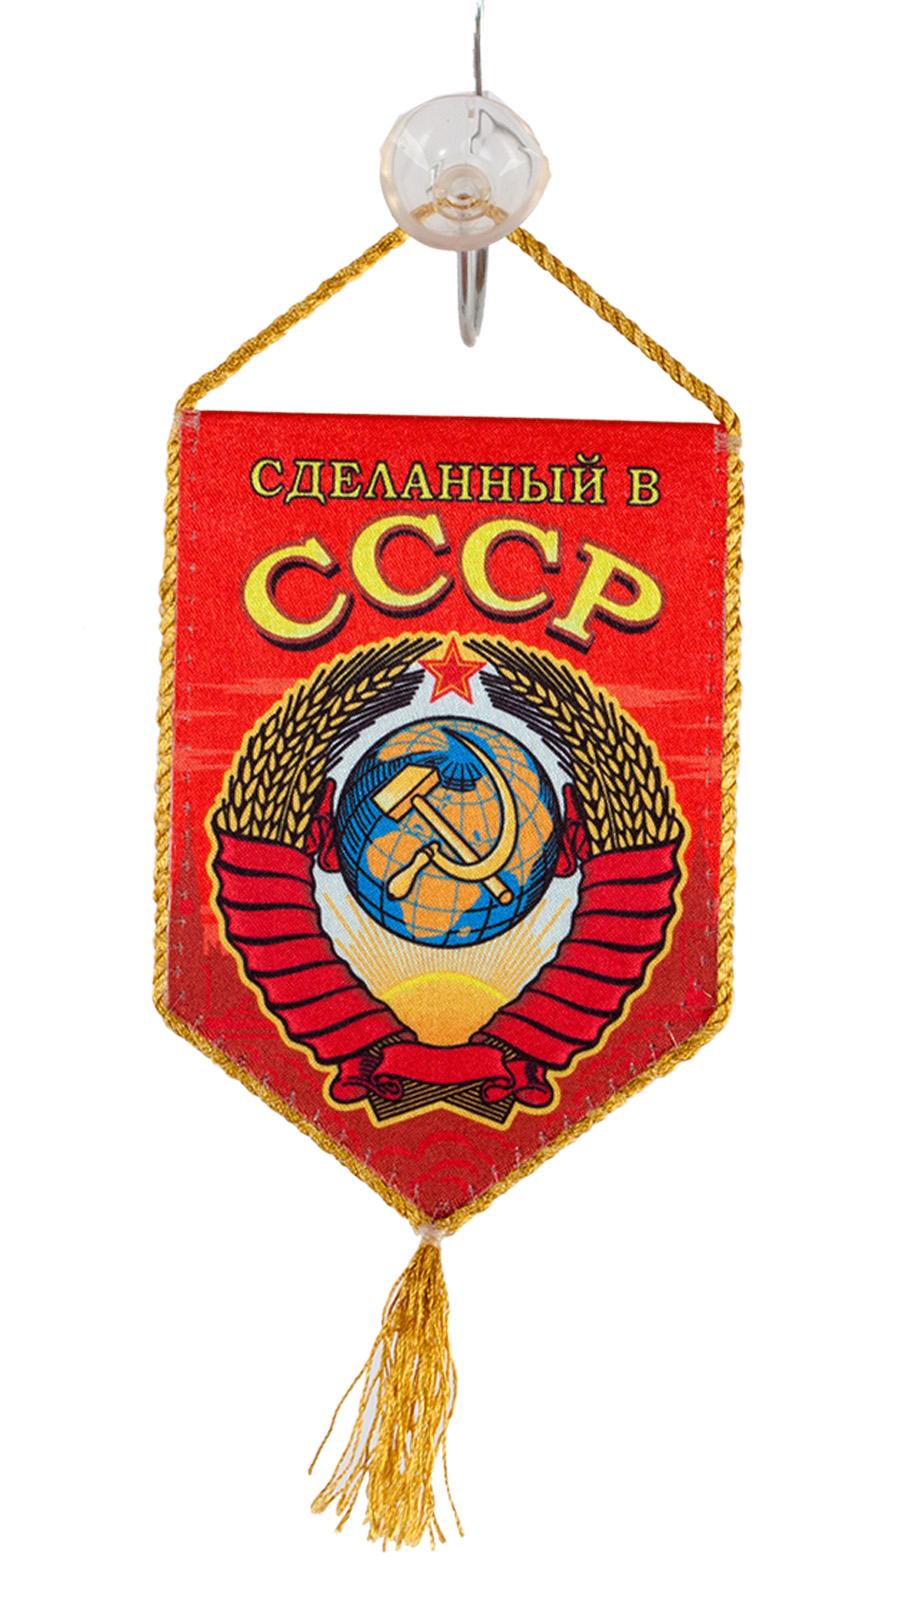 Атрибутика СССР - подарочный вымпел!